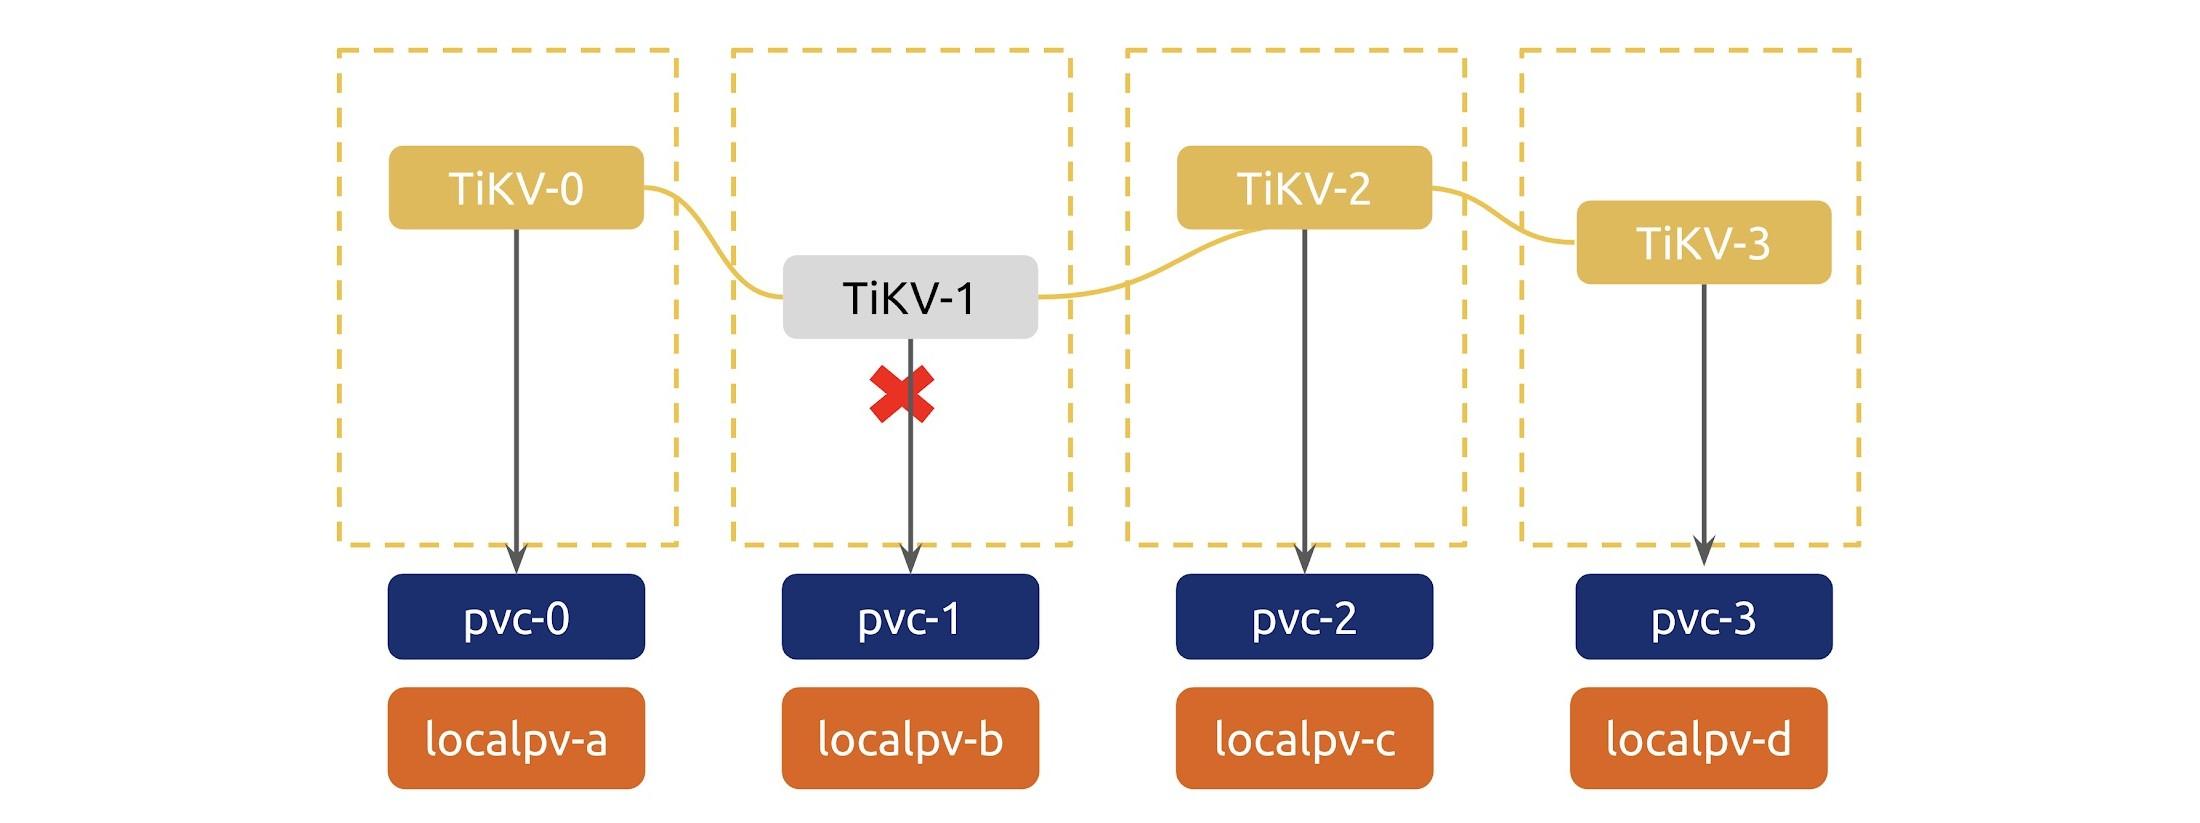 TiDB Operator adds a new TiKV store